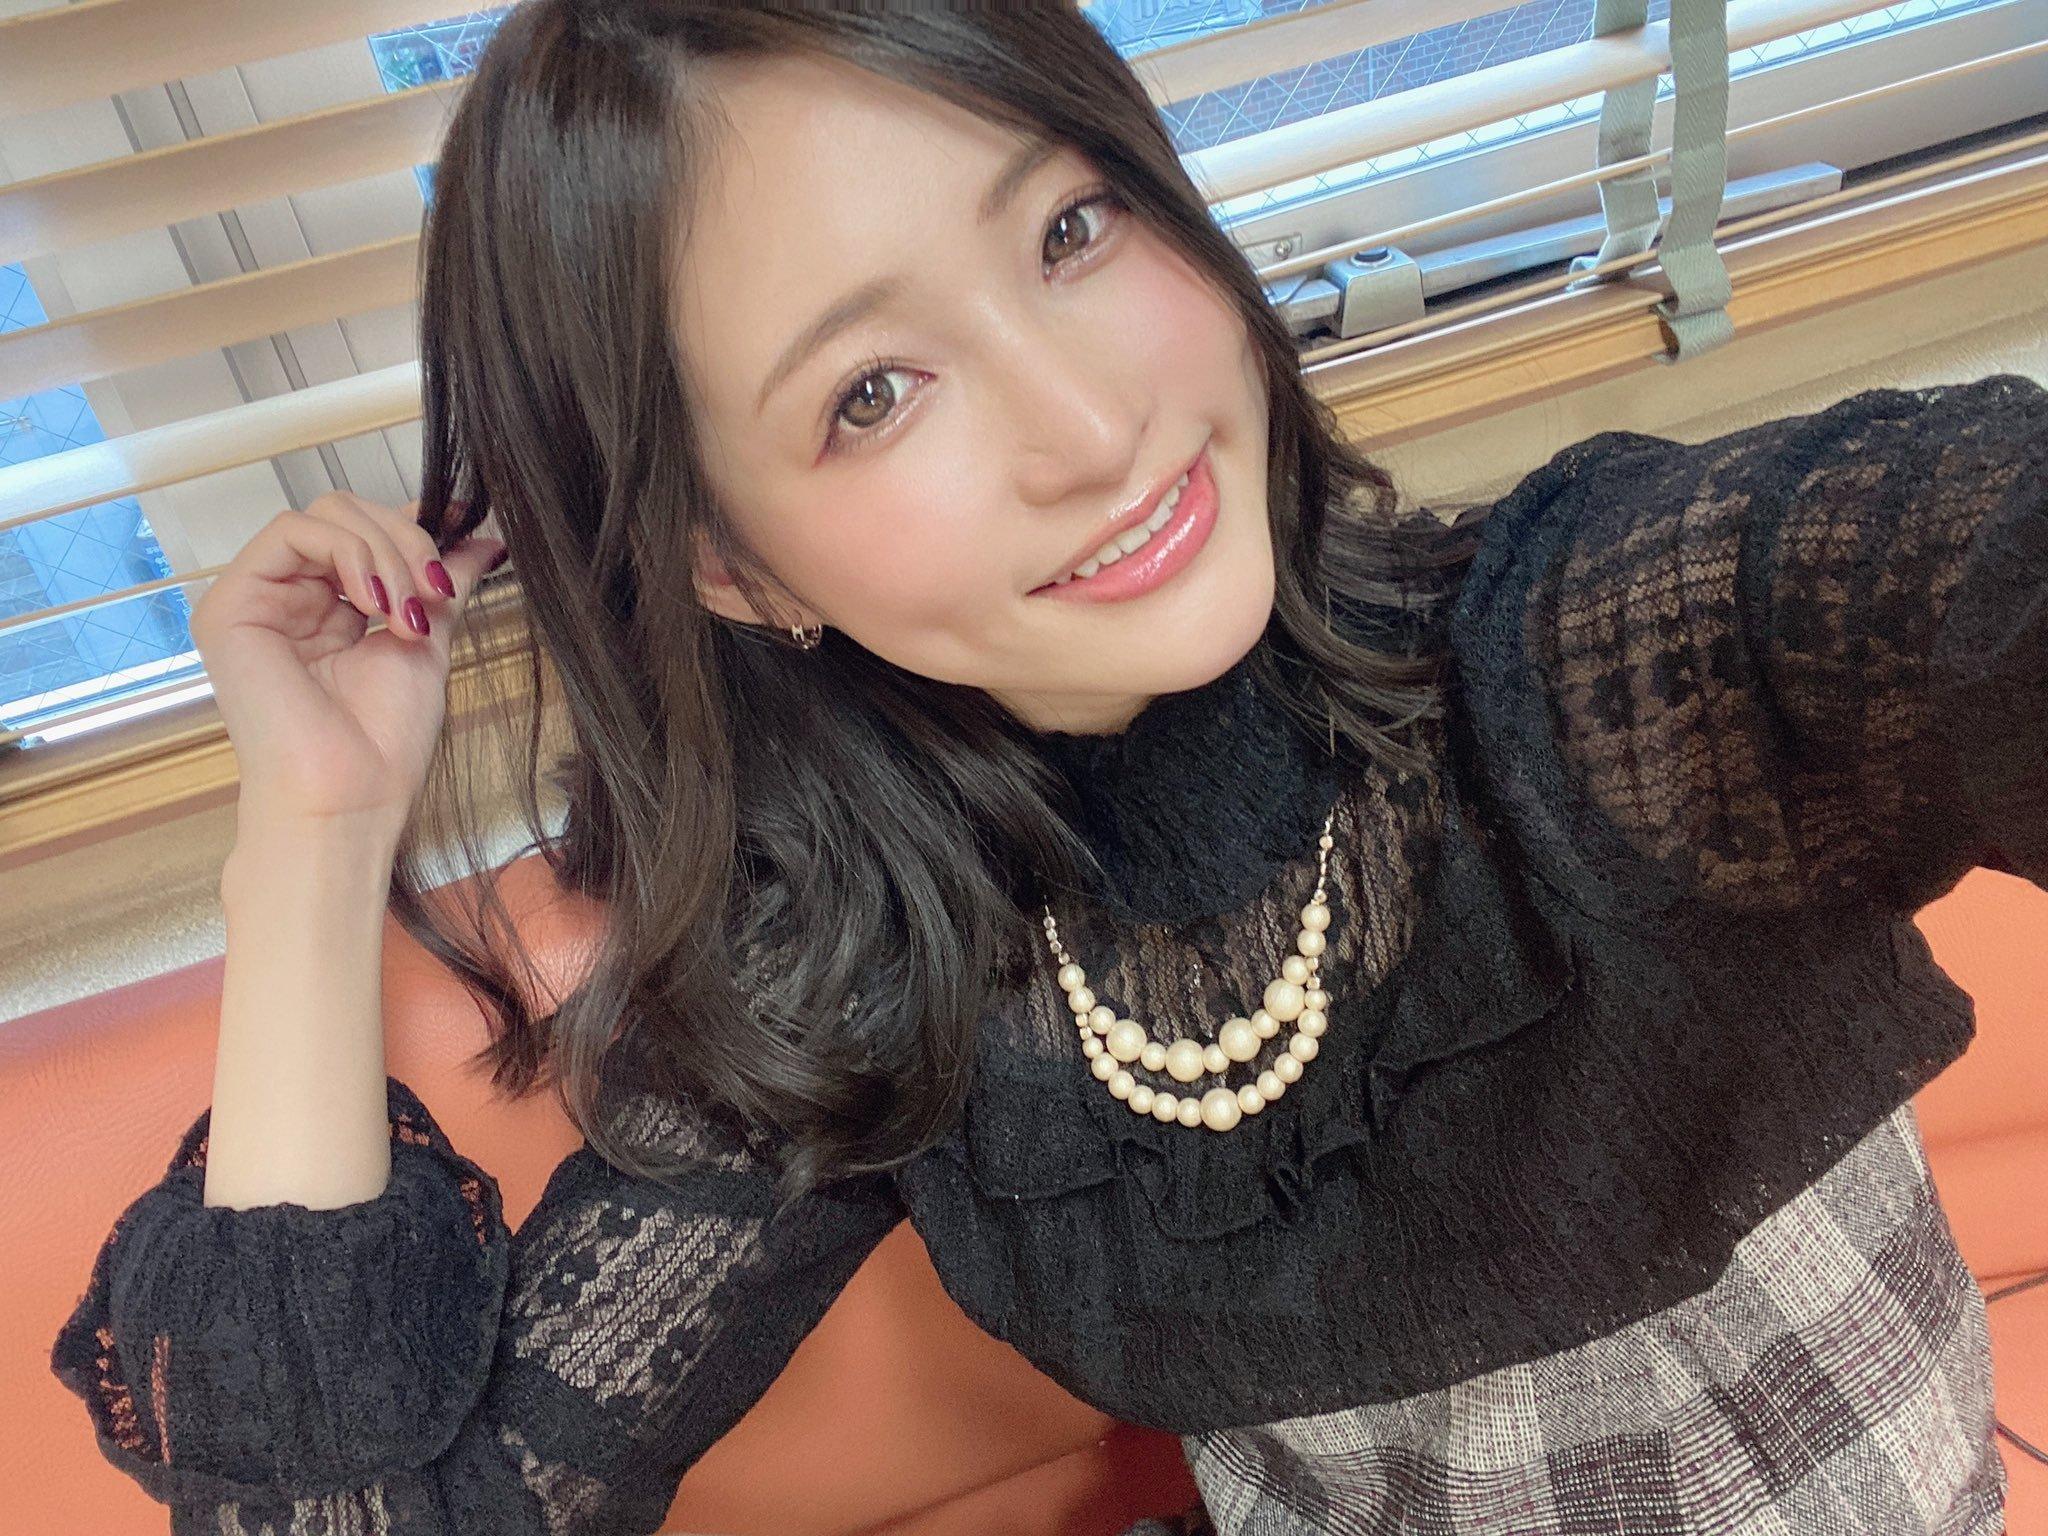 amatsuka_moe 1255407803017187336_p1